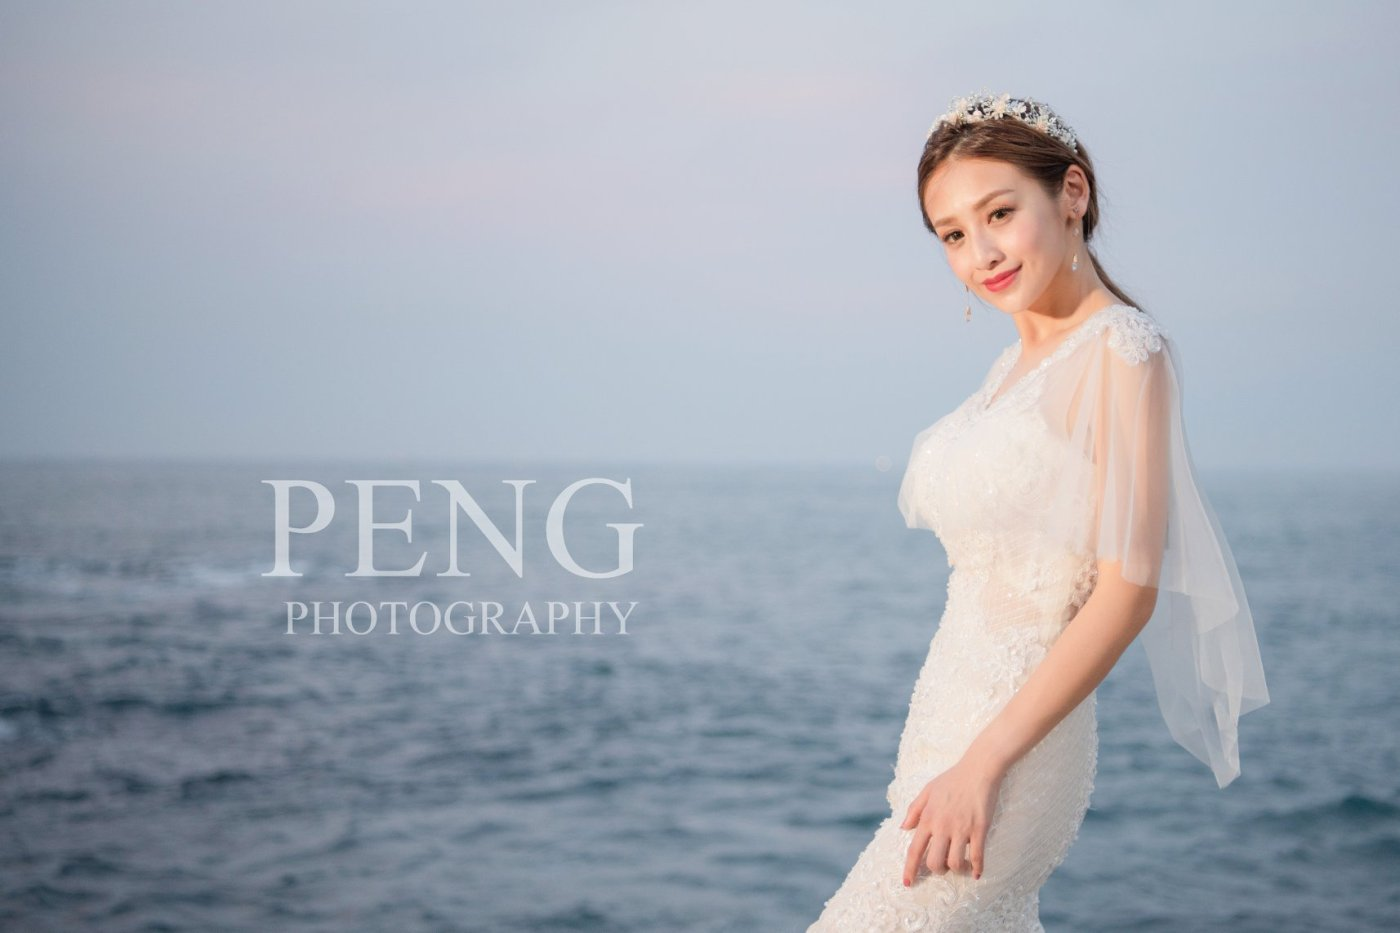 台北新娘秘書|新娘妝髮|新秘雨晴|婚攝彭彭|貳月婚紗|女王氣勢|皇冠|馬尾造型